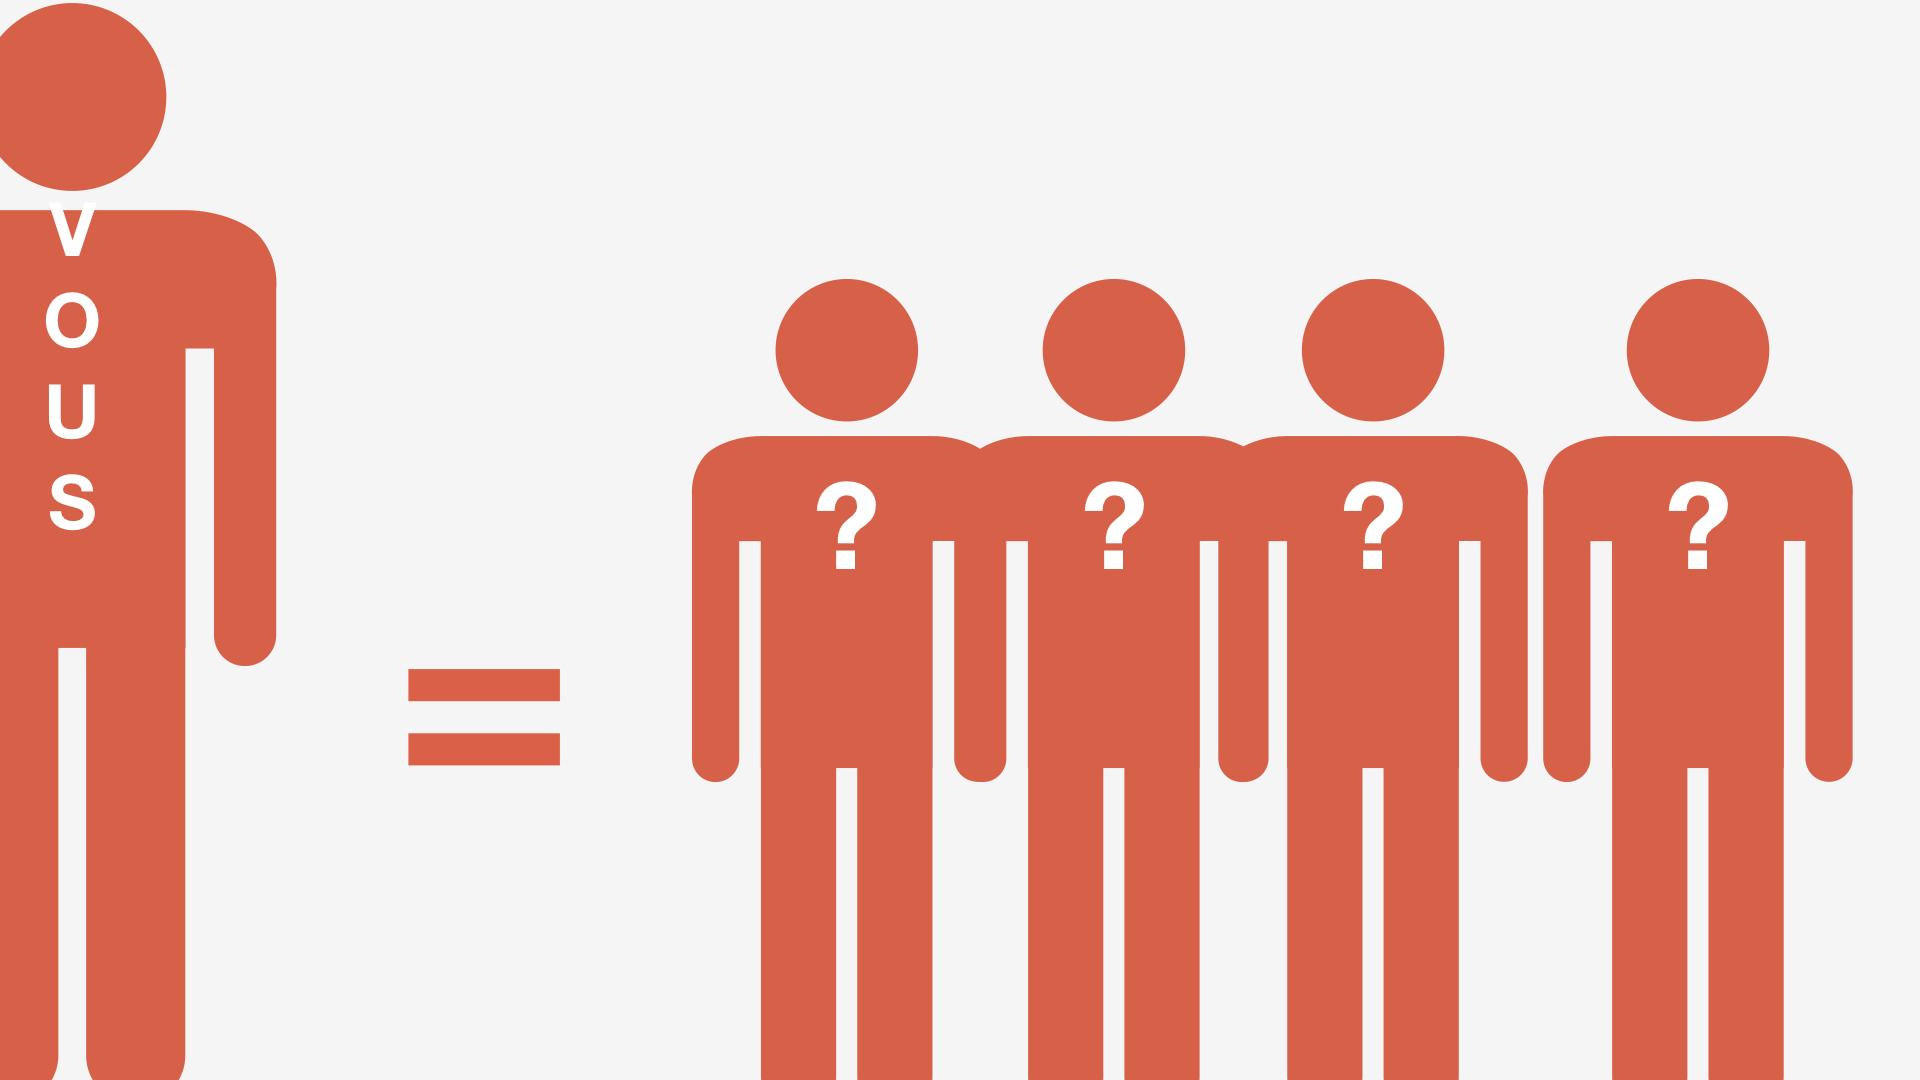 Peut-on collecter des données personnelles en protégeant la vie privée d'un utilisateur ?